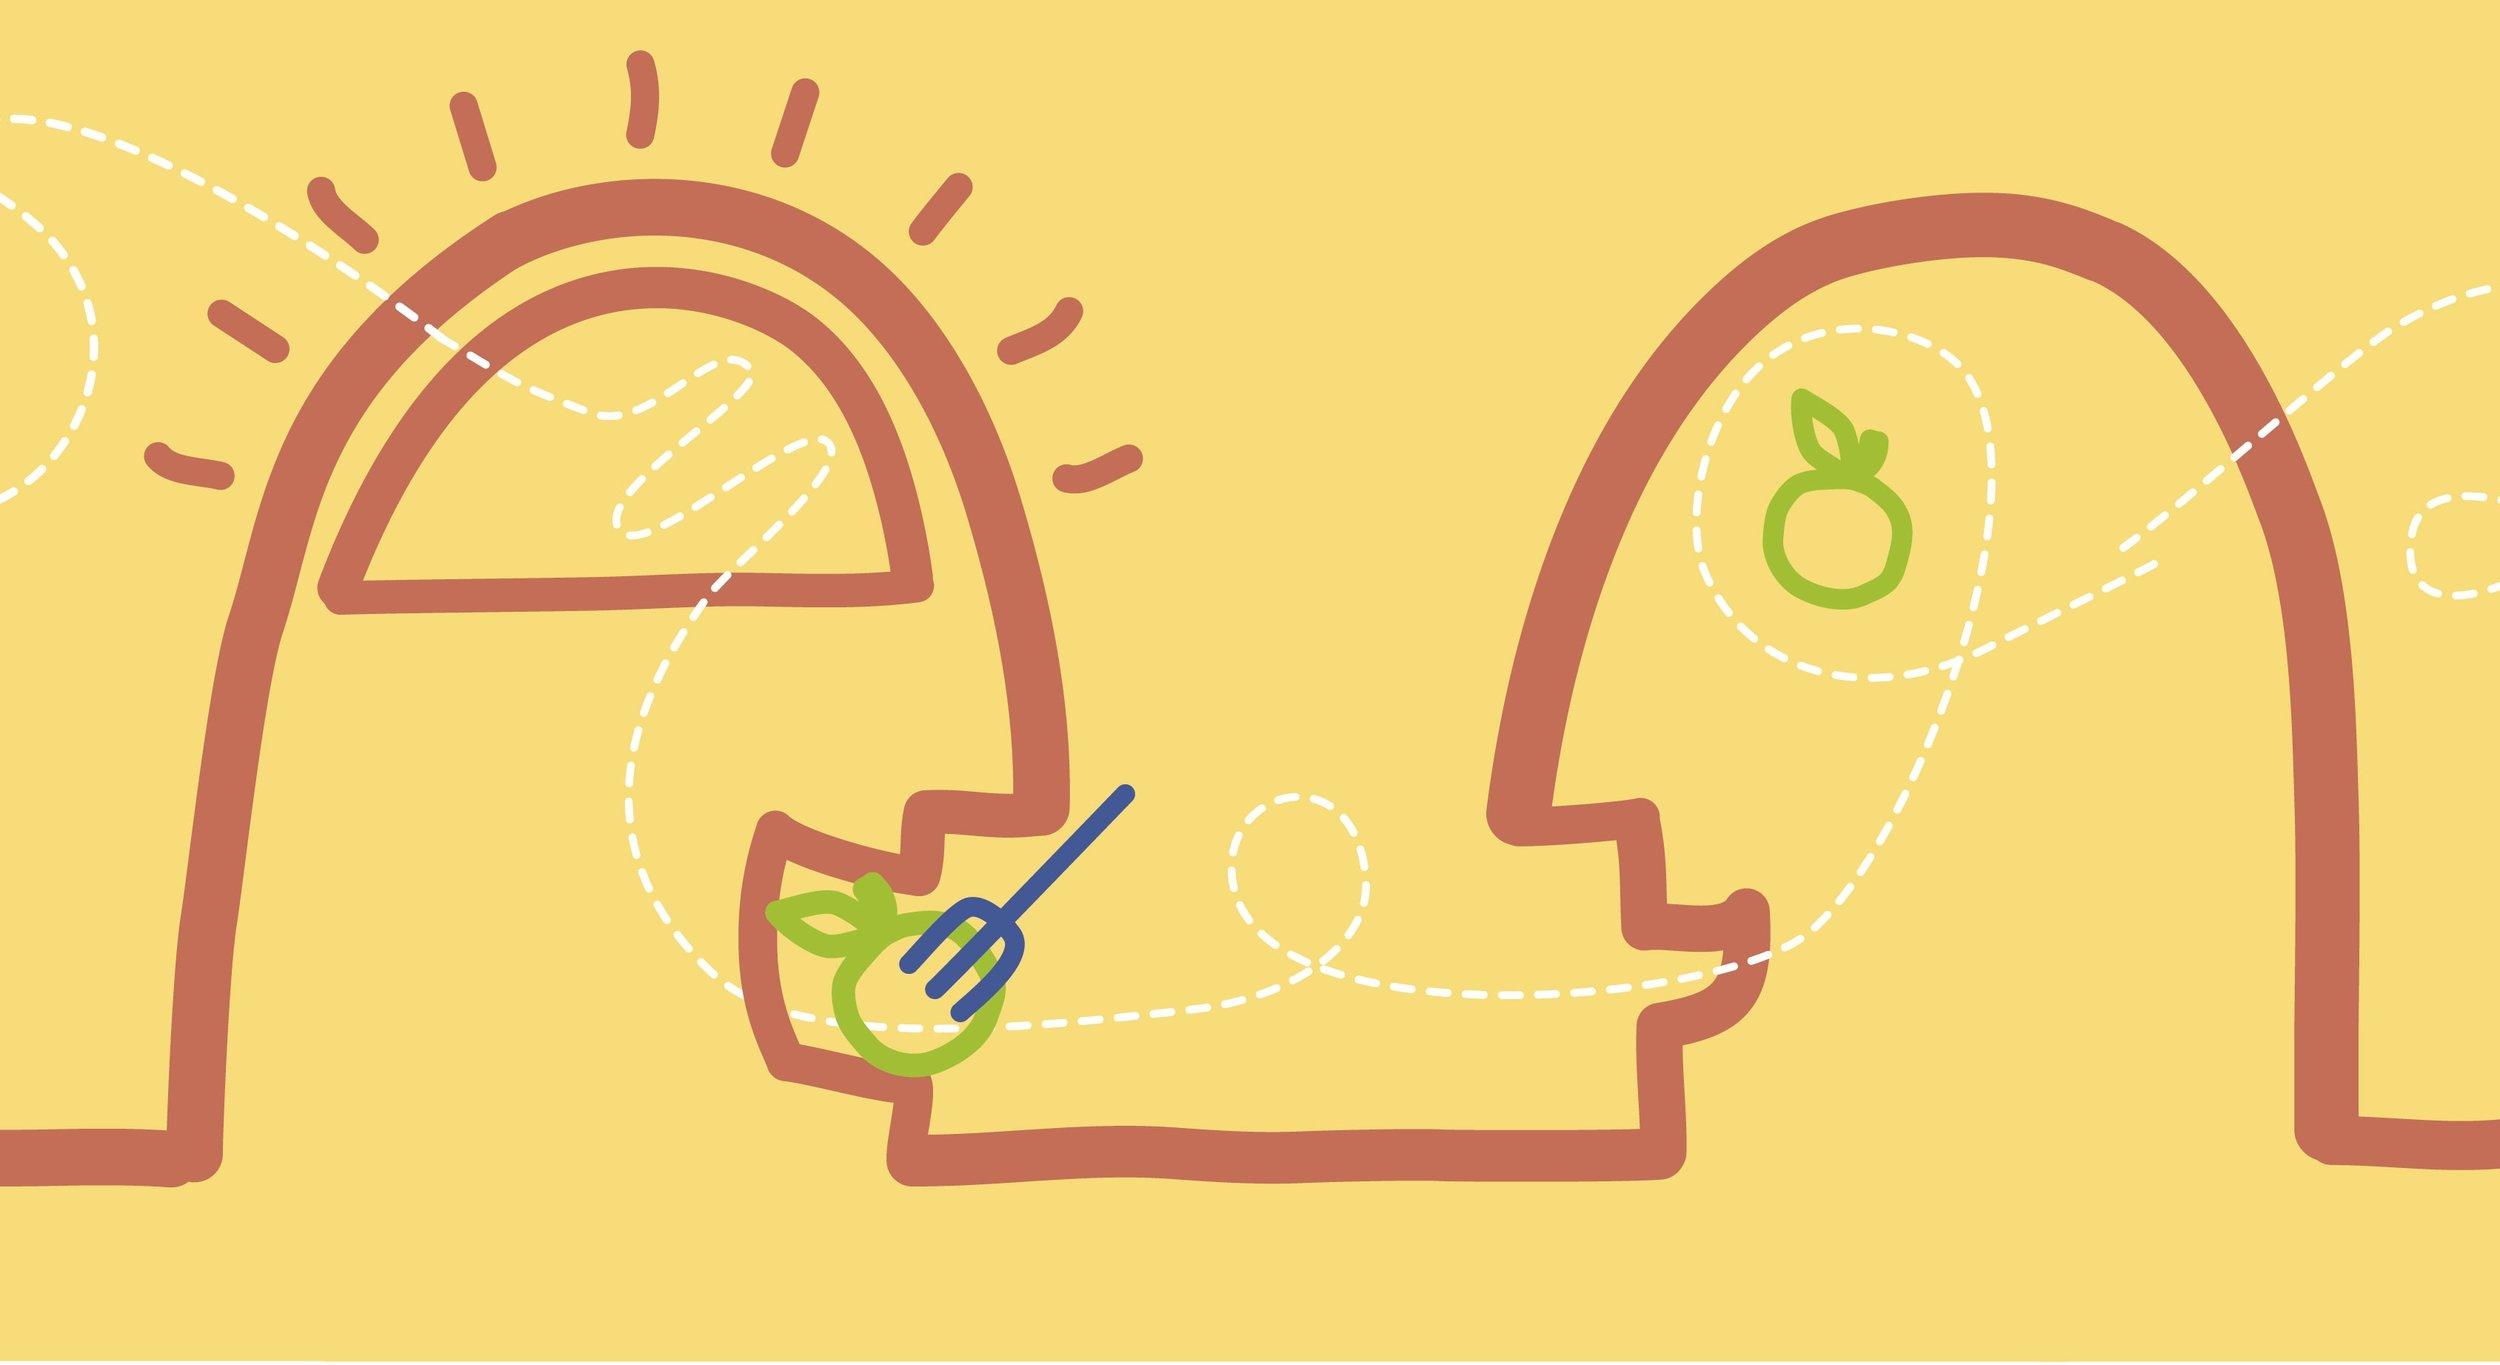 Ridderbuurt-illustratie-Gezondheidspromotie-gezonde-voeding.jpg